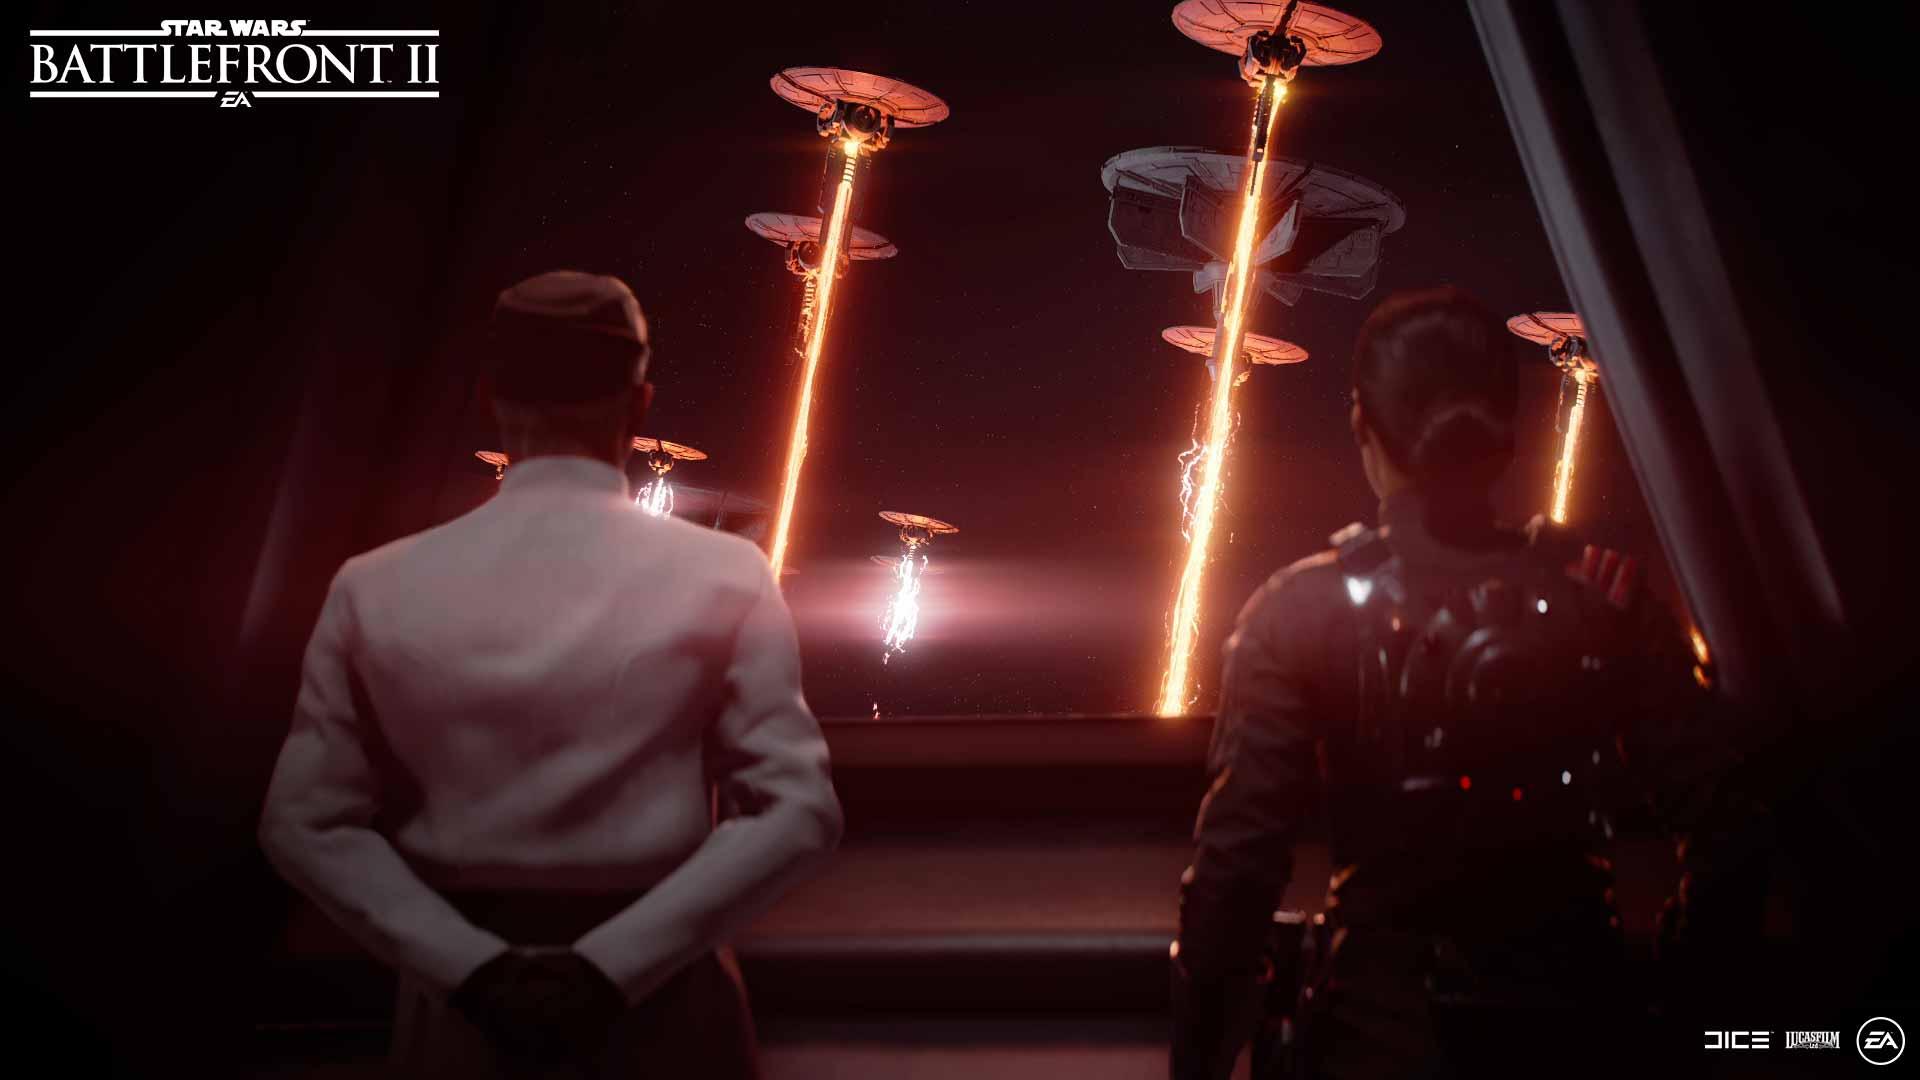 Avance e impresiones de la campaña de Star Wars Battlefront II 4